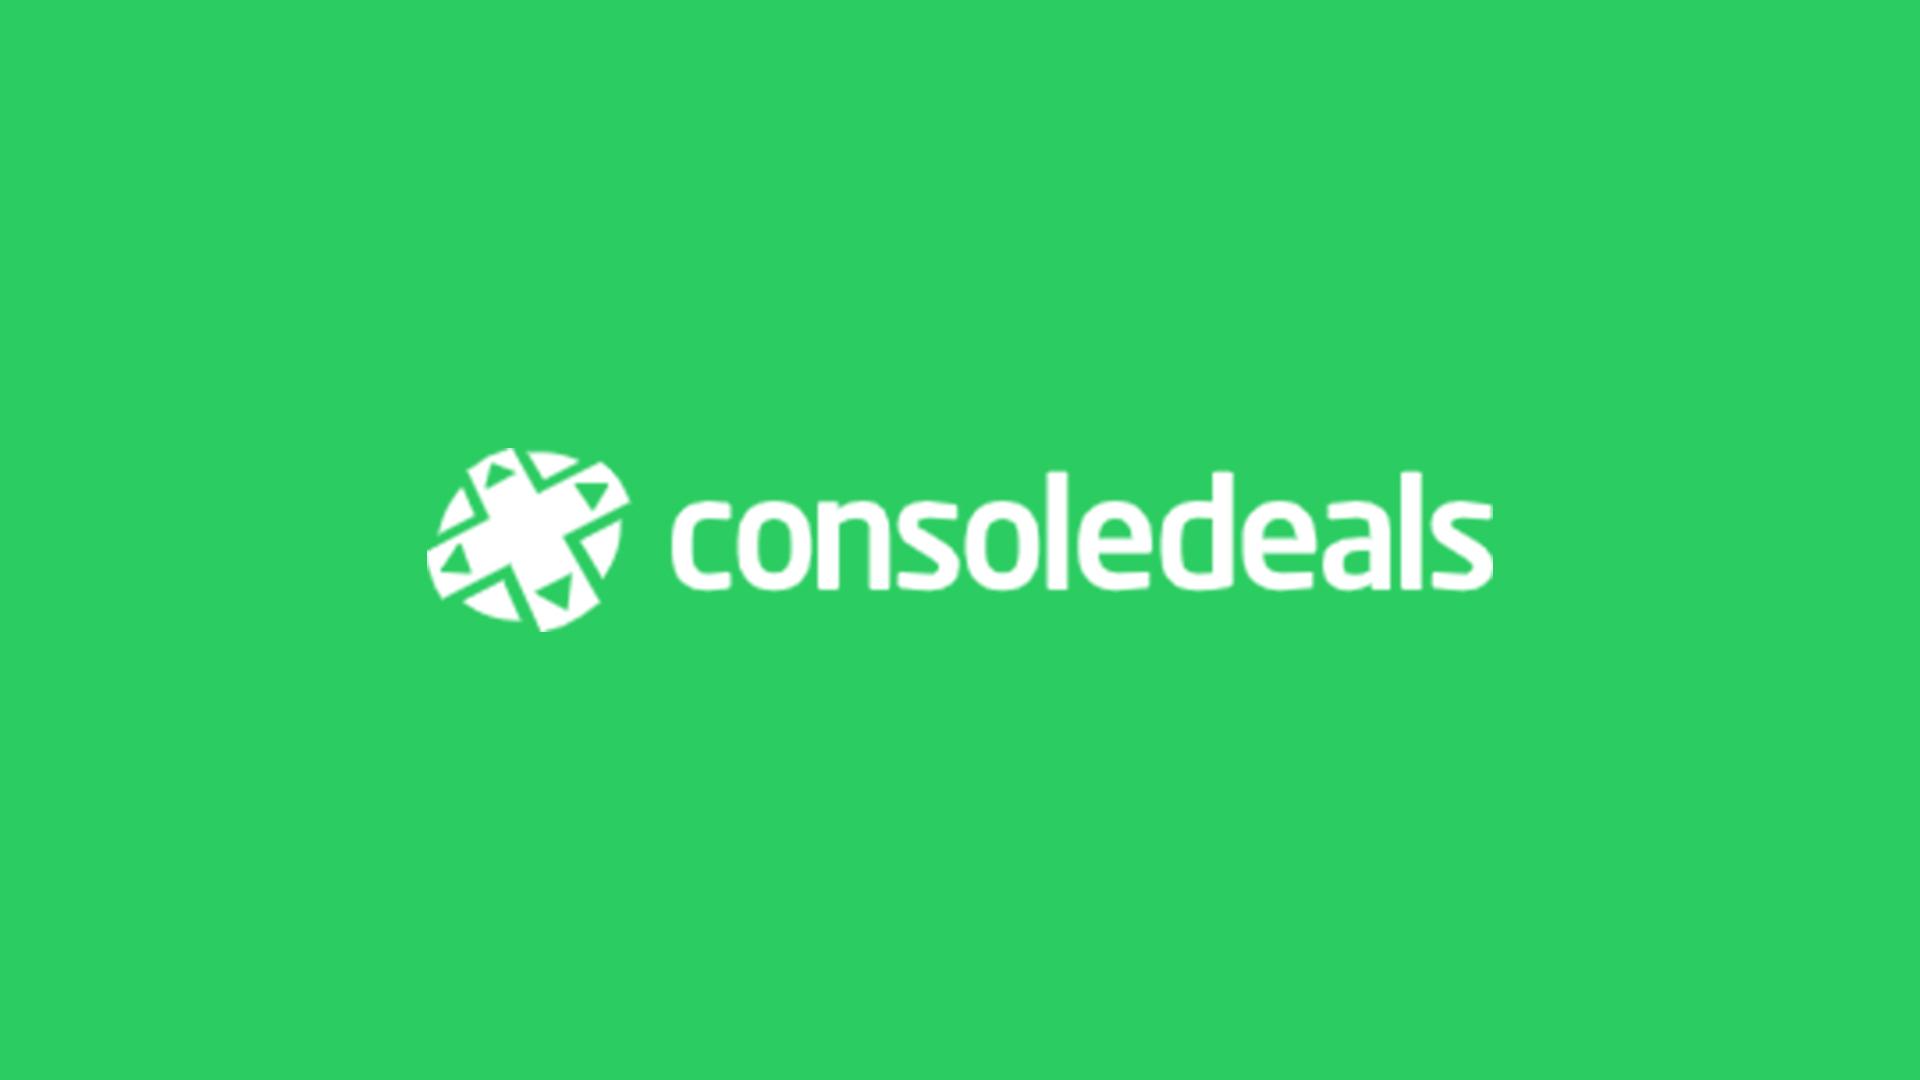 console-deals